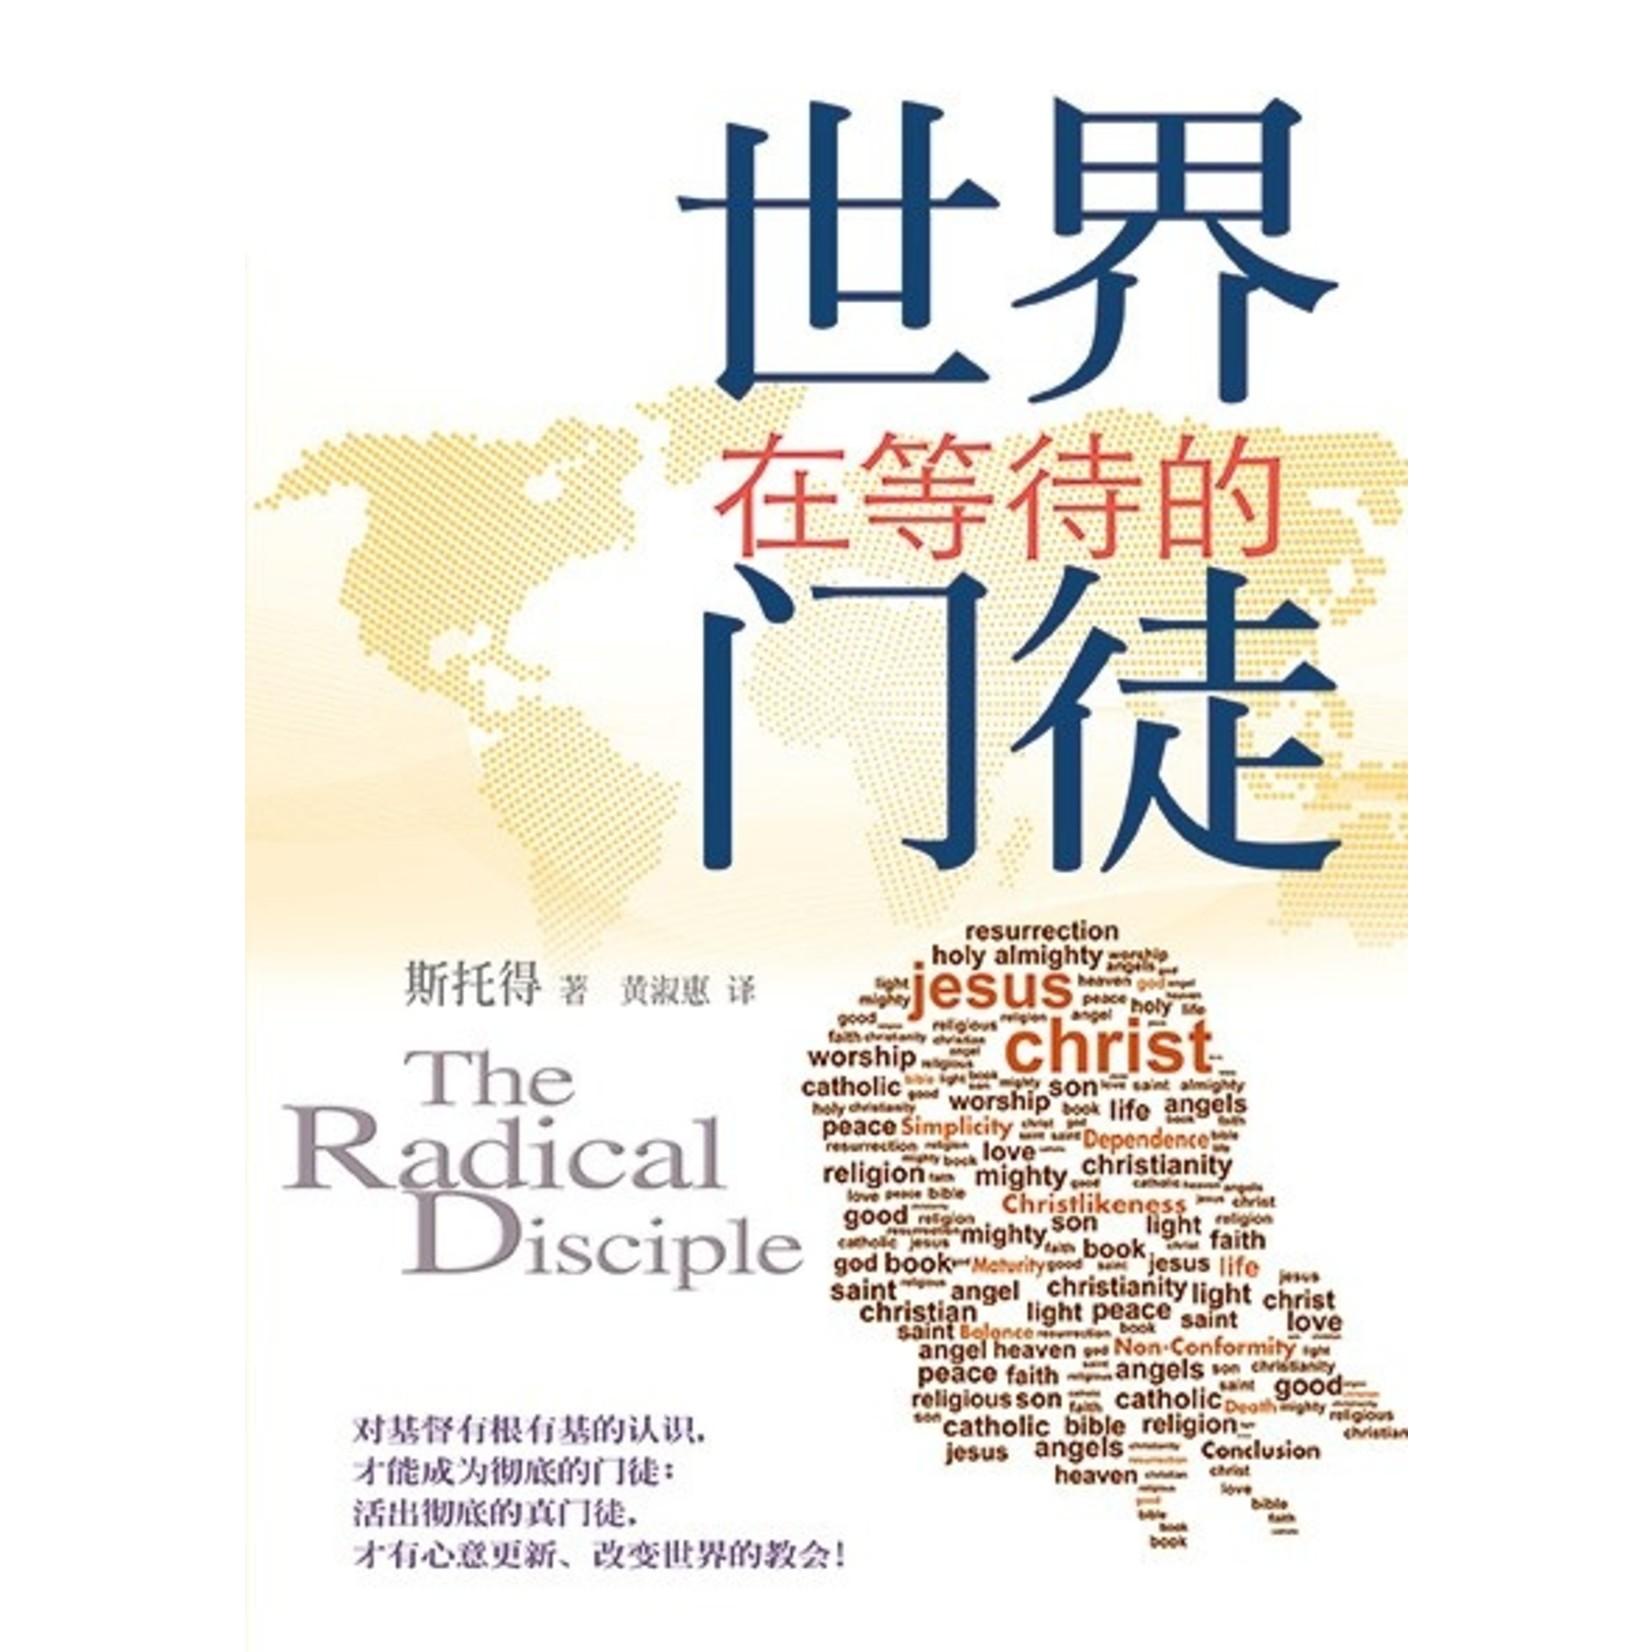 校園書房 Campus Books 世界在等待的門徒(簡體) The Radical Disciple: Some Neglected Aspects of Our Calling